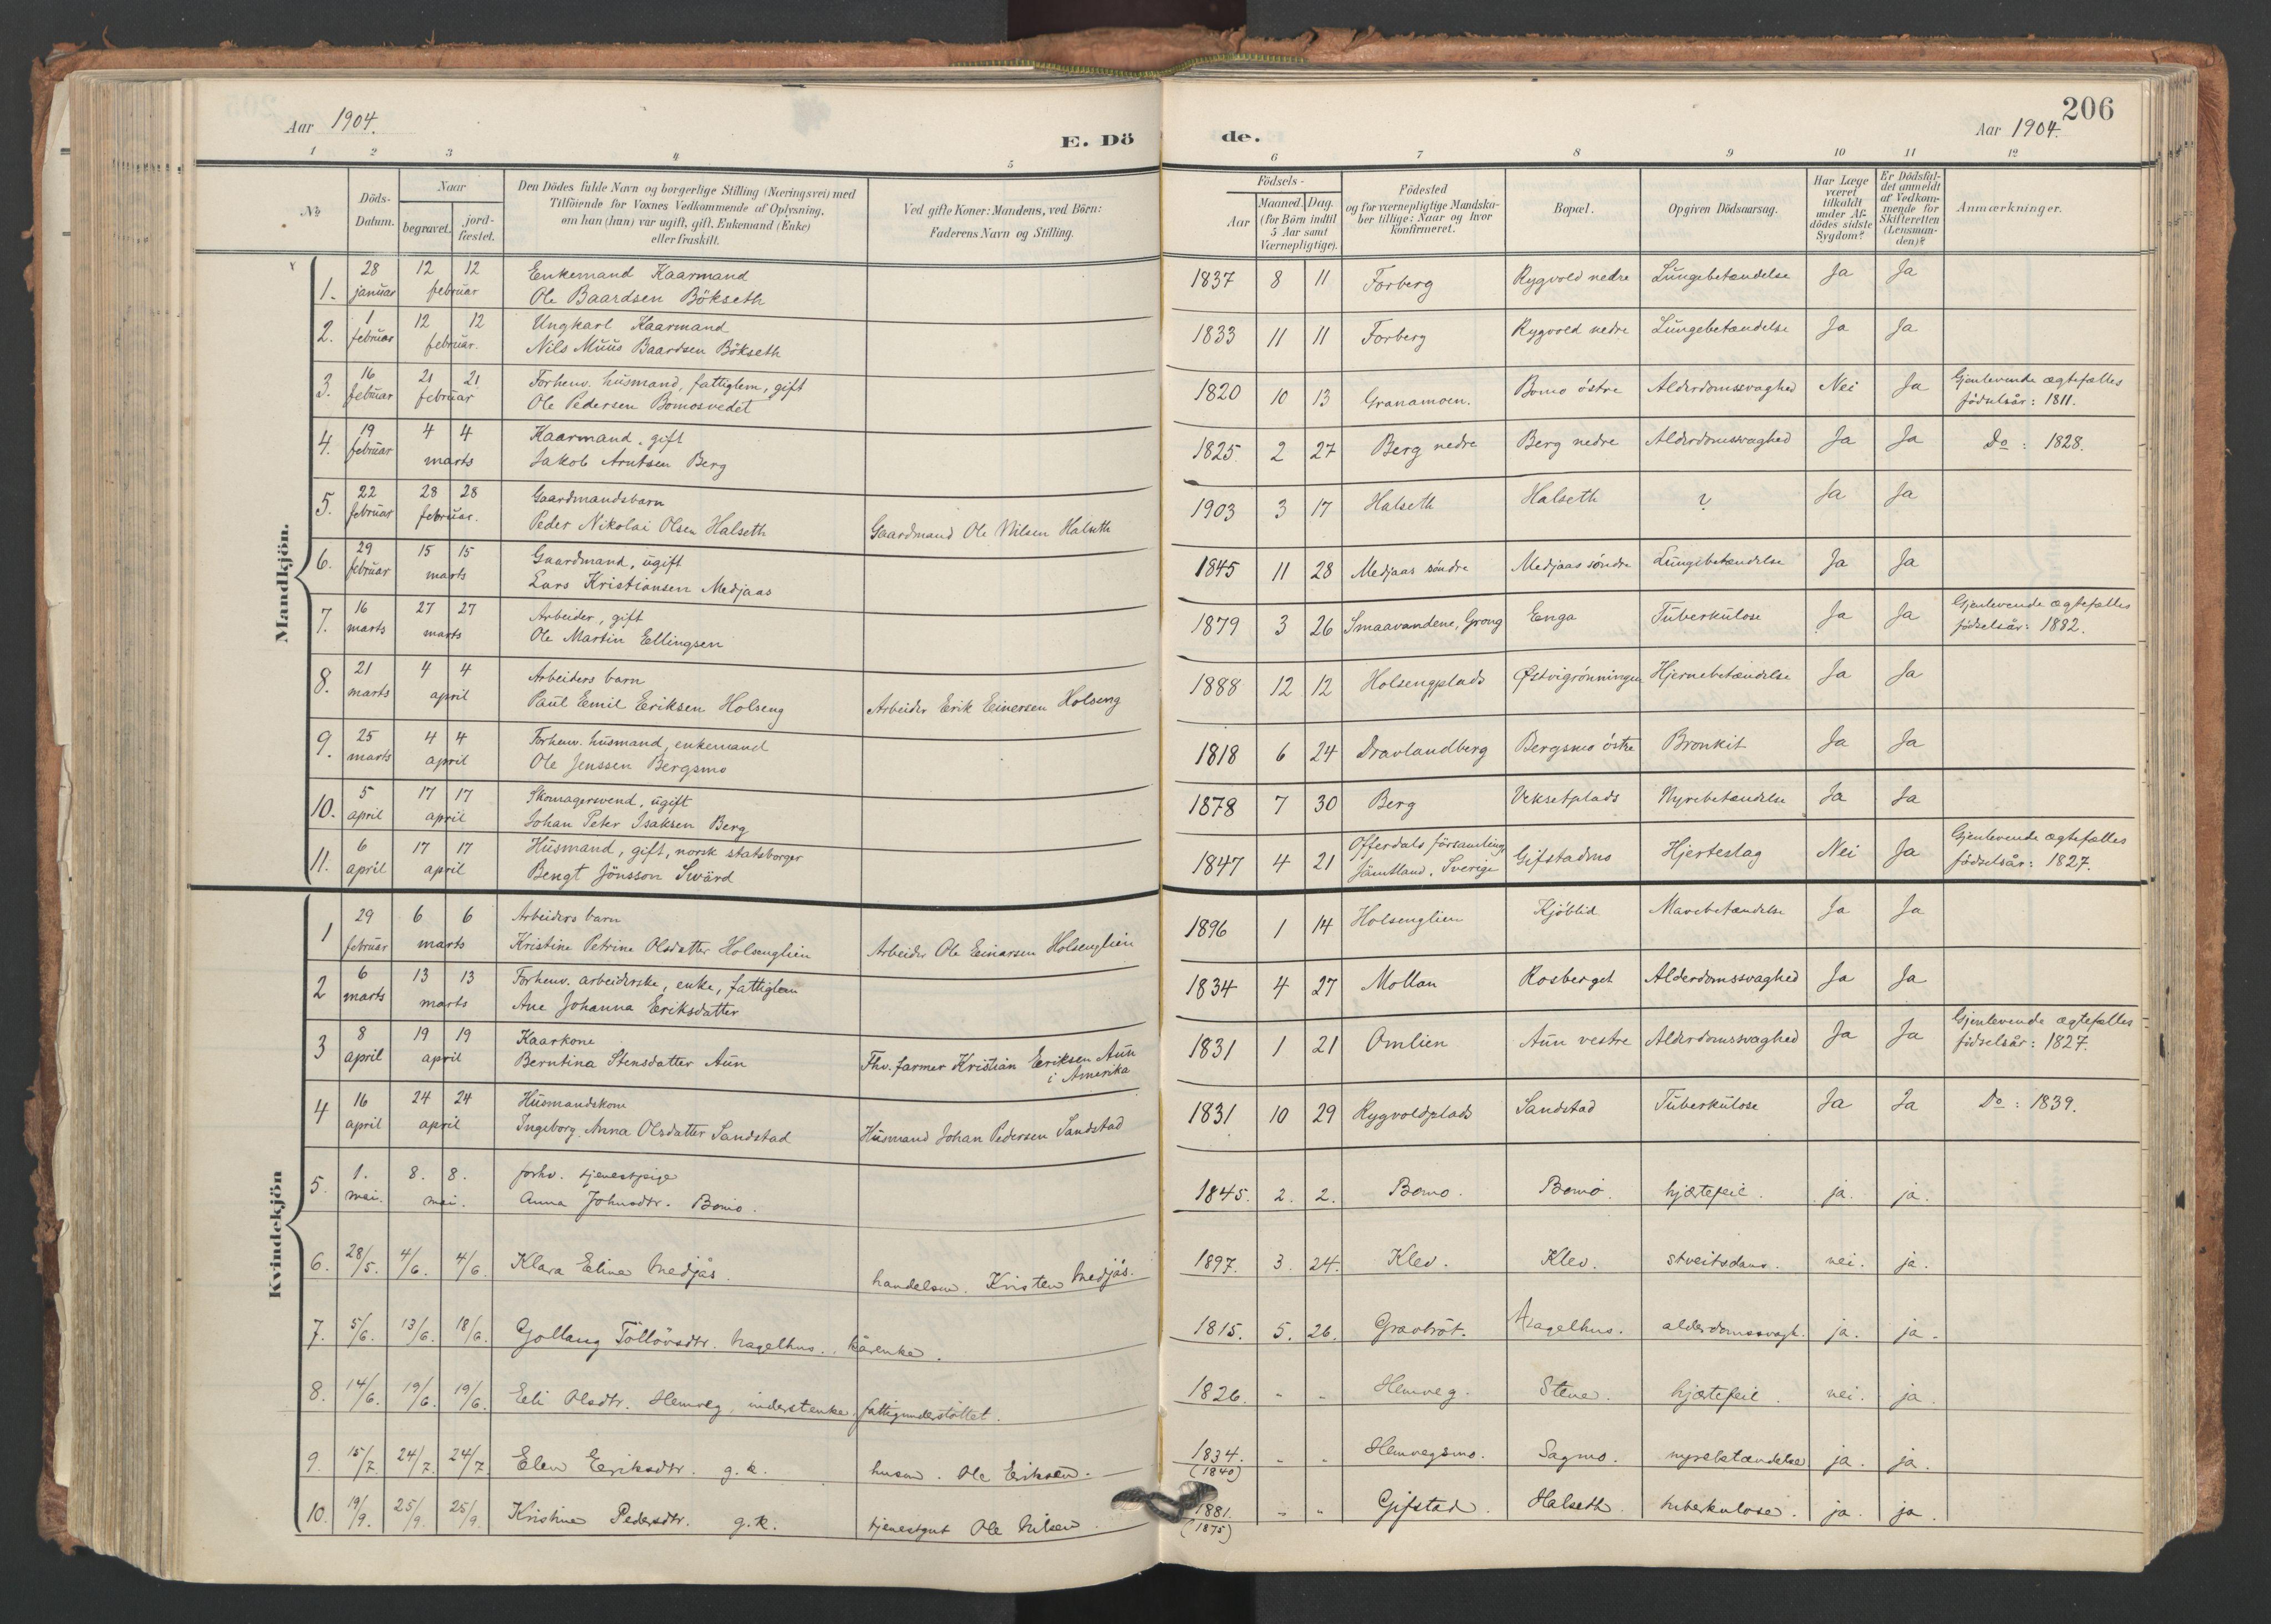 SAT, Ministerialprotokoller, klokkerbøker og fødselsregistre - Nord-Trøndelag, 749/L0477: Ministerialbok nr. 749A11, 1902-1927, s. 206